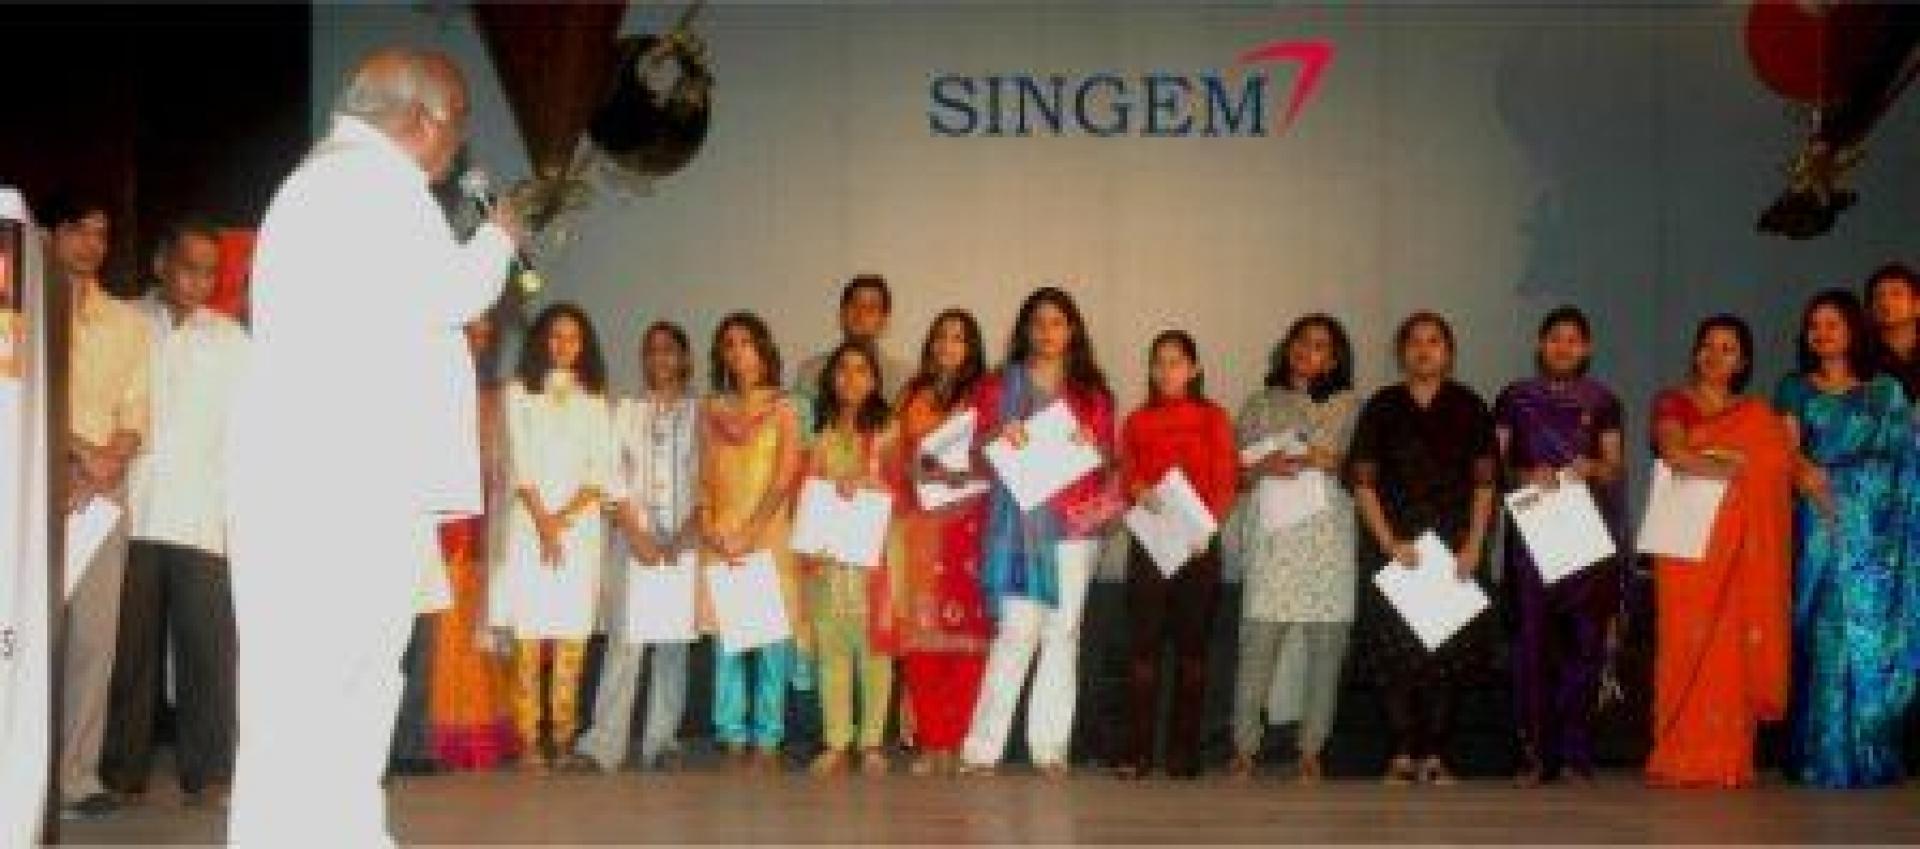 SINGEM2-min